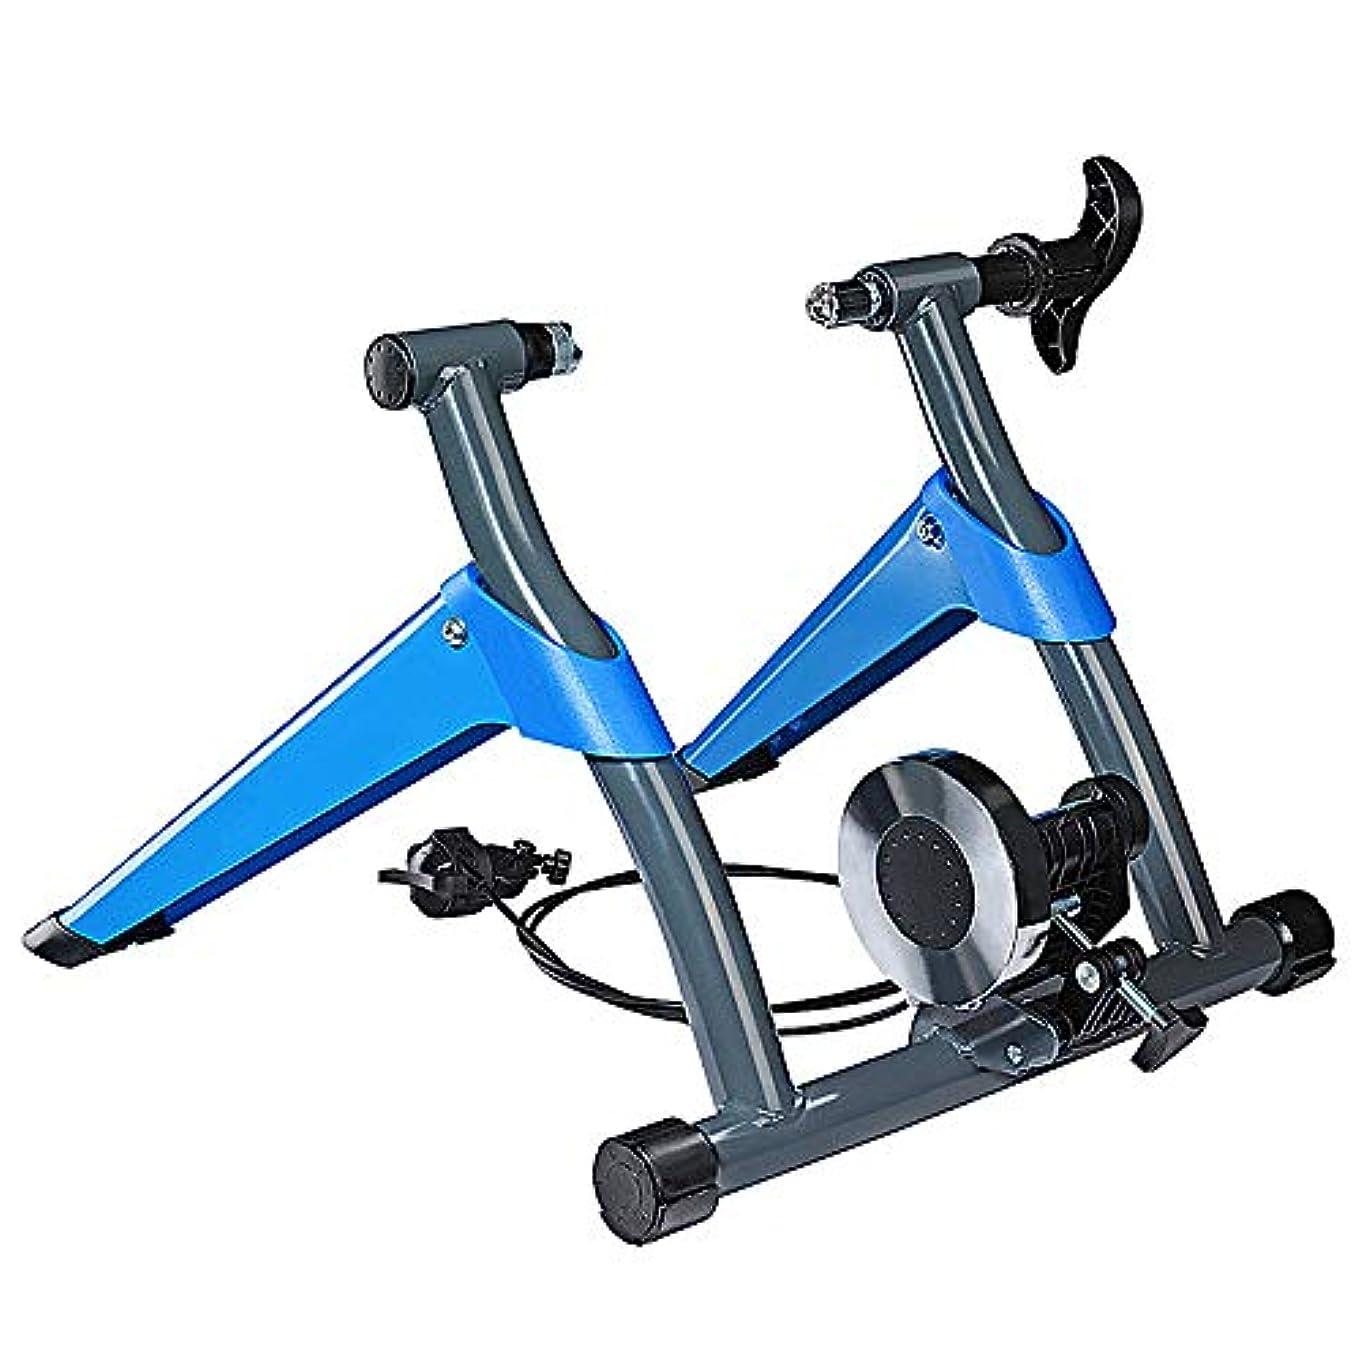 疫病公使館奇跡的な自転車トレーナースタンド, 磁気運動自転車スタンド自転車屋内運動ポータブル